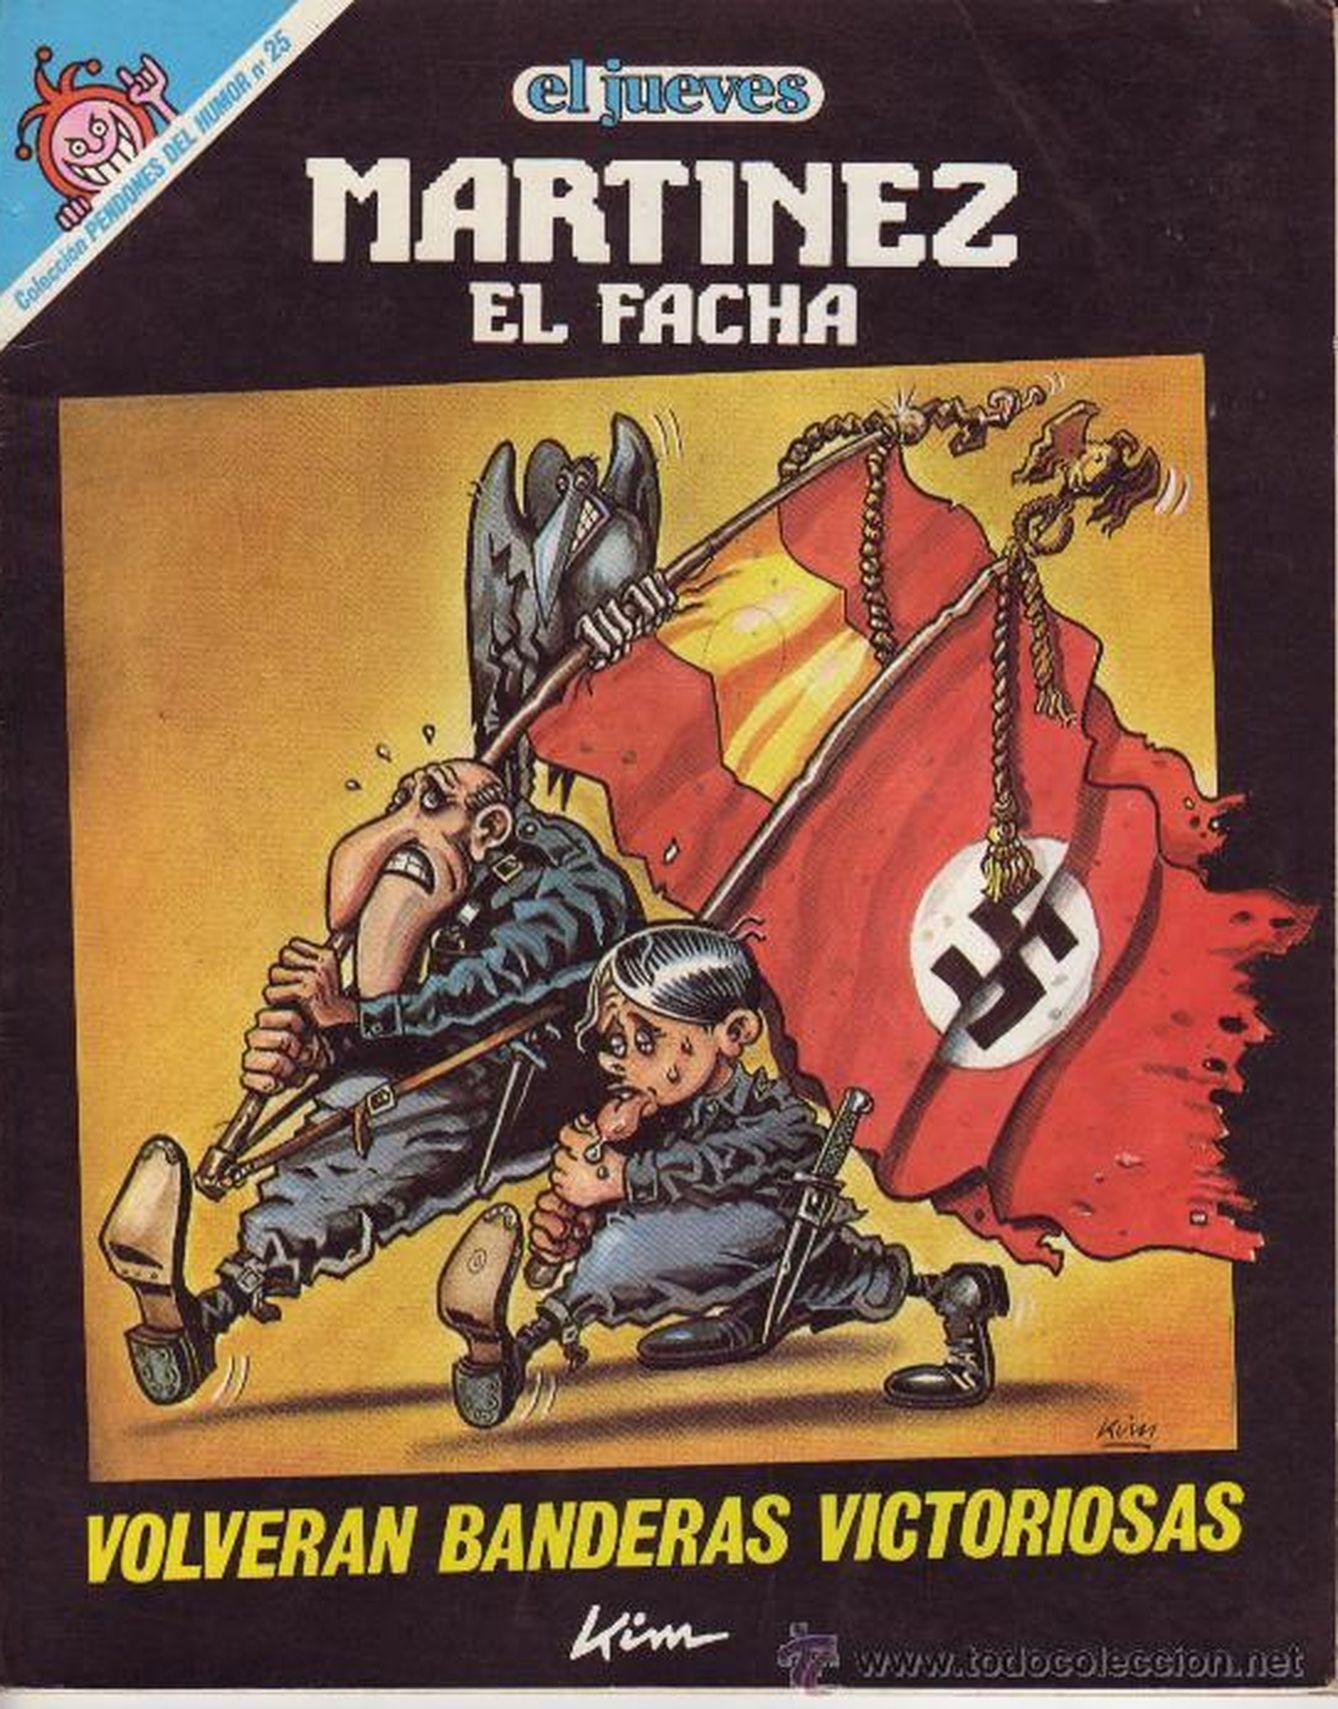 martinez-el-facha-adios-al-azote-de-rojos-hippies-y-melenudos.jpg?mtime=1428676776